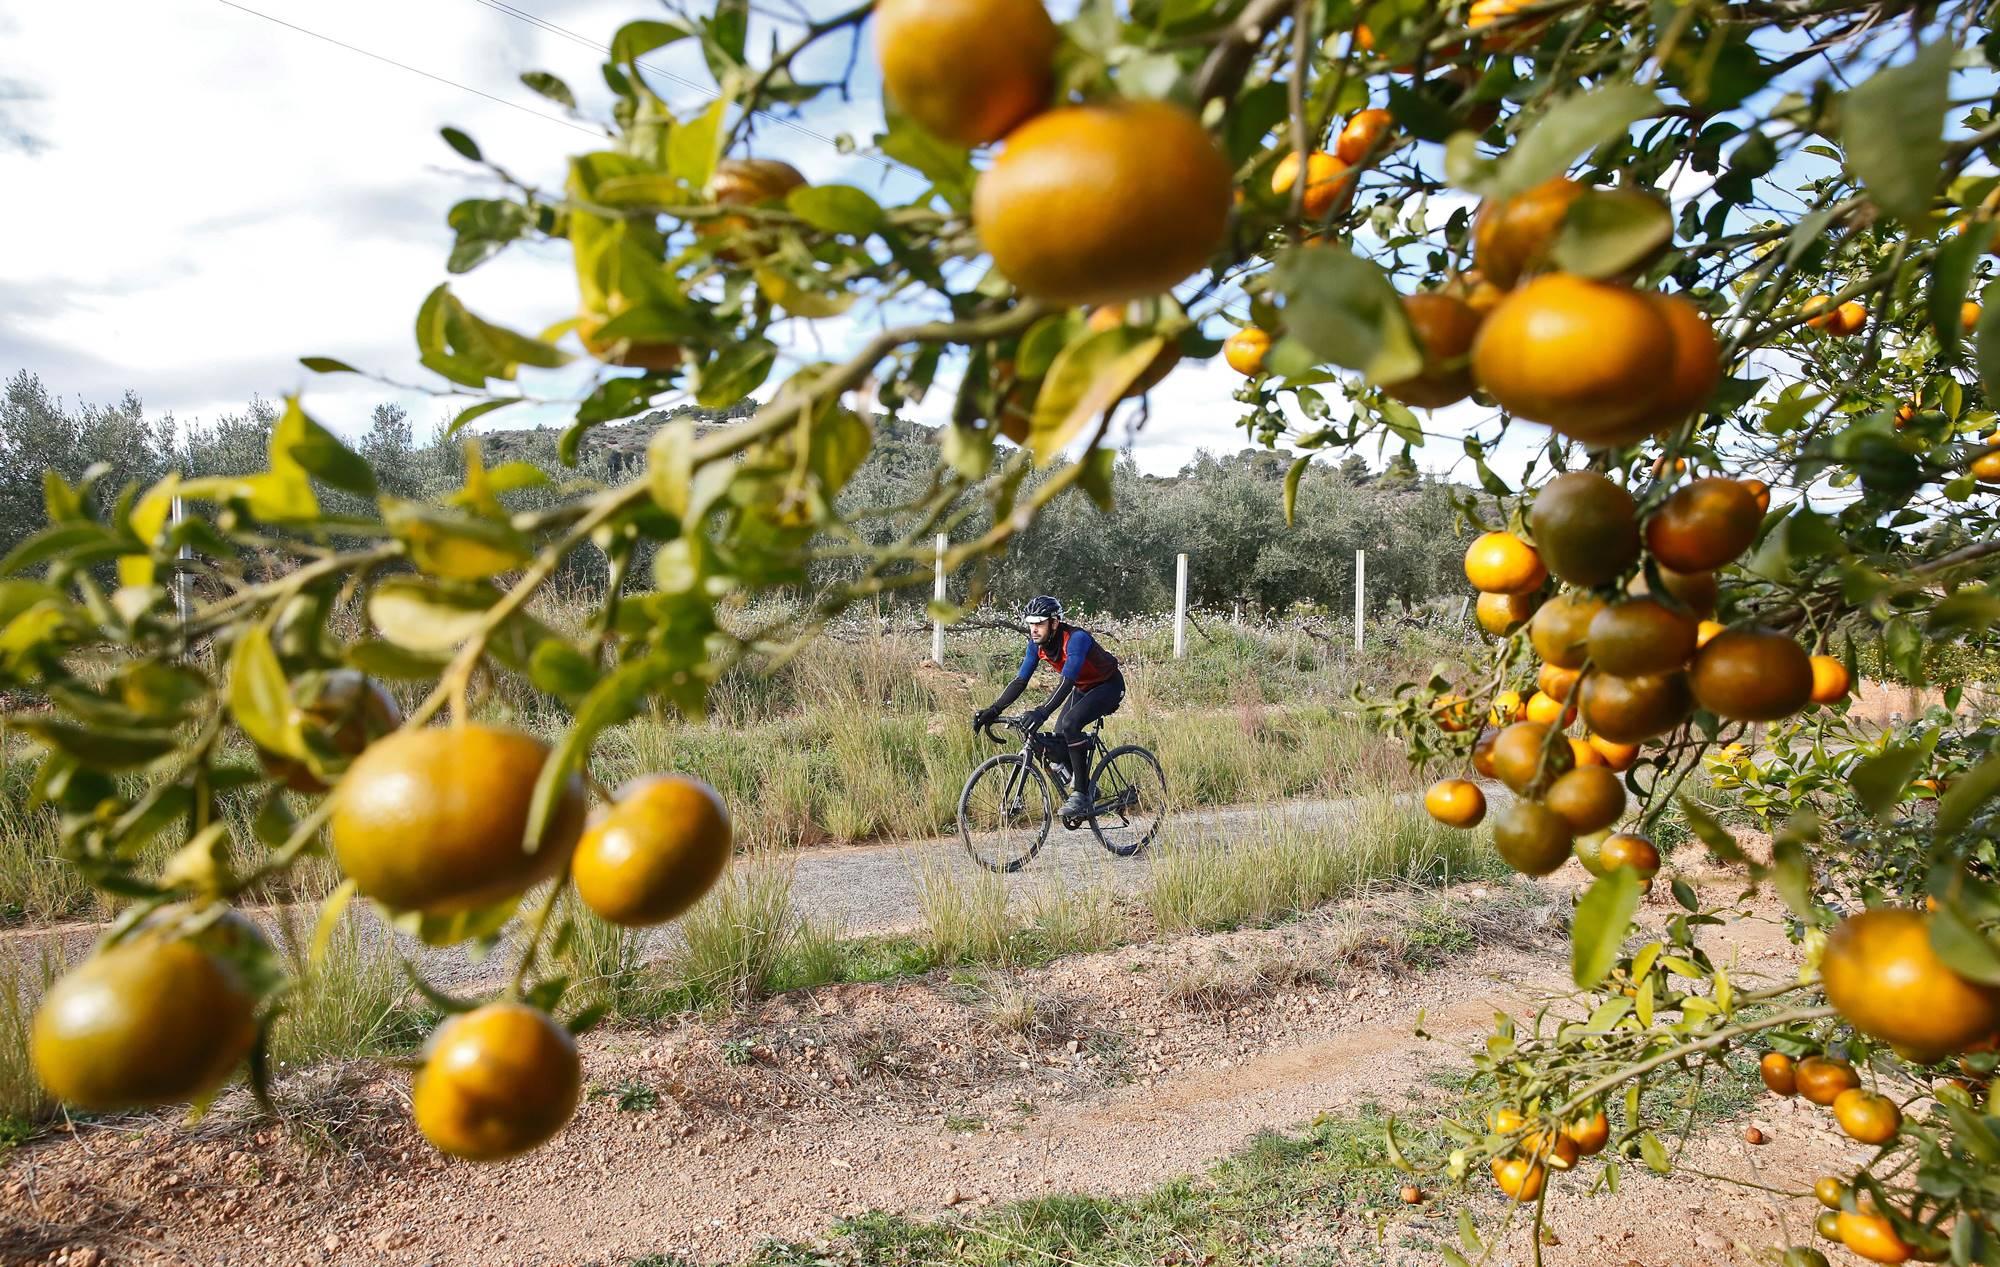 Uno de los mejores momentos de la ruta: verse rodeado de naranjos.